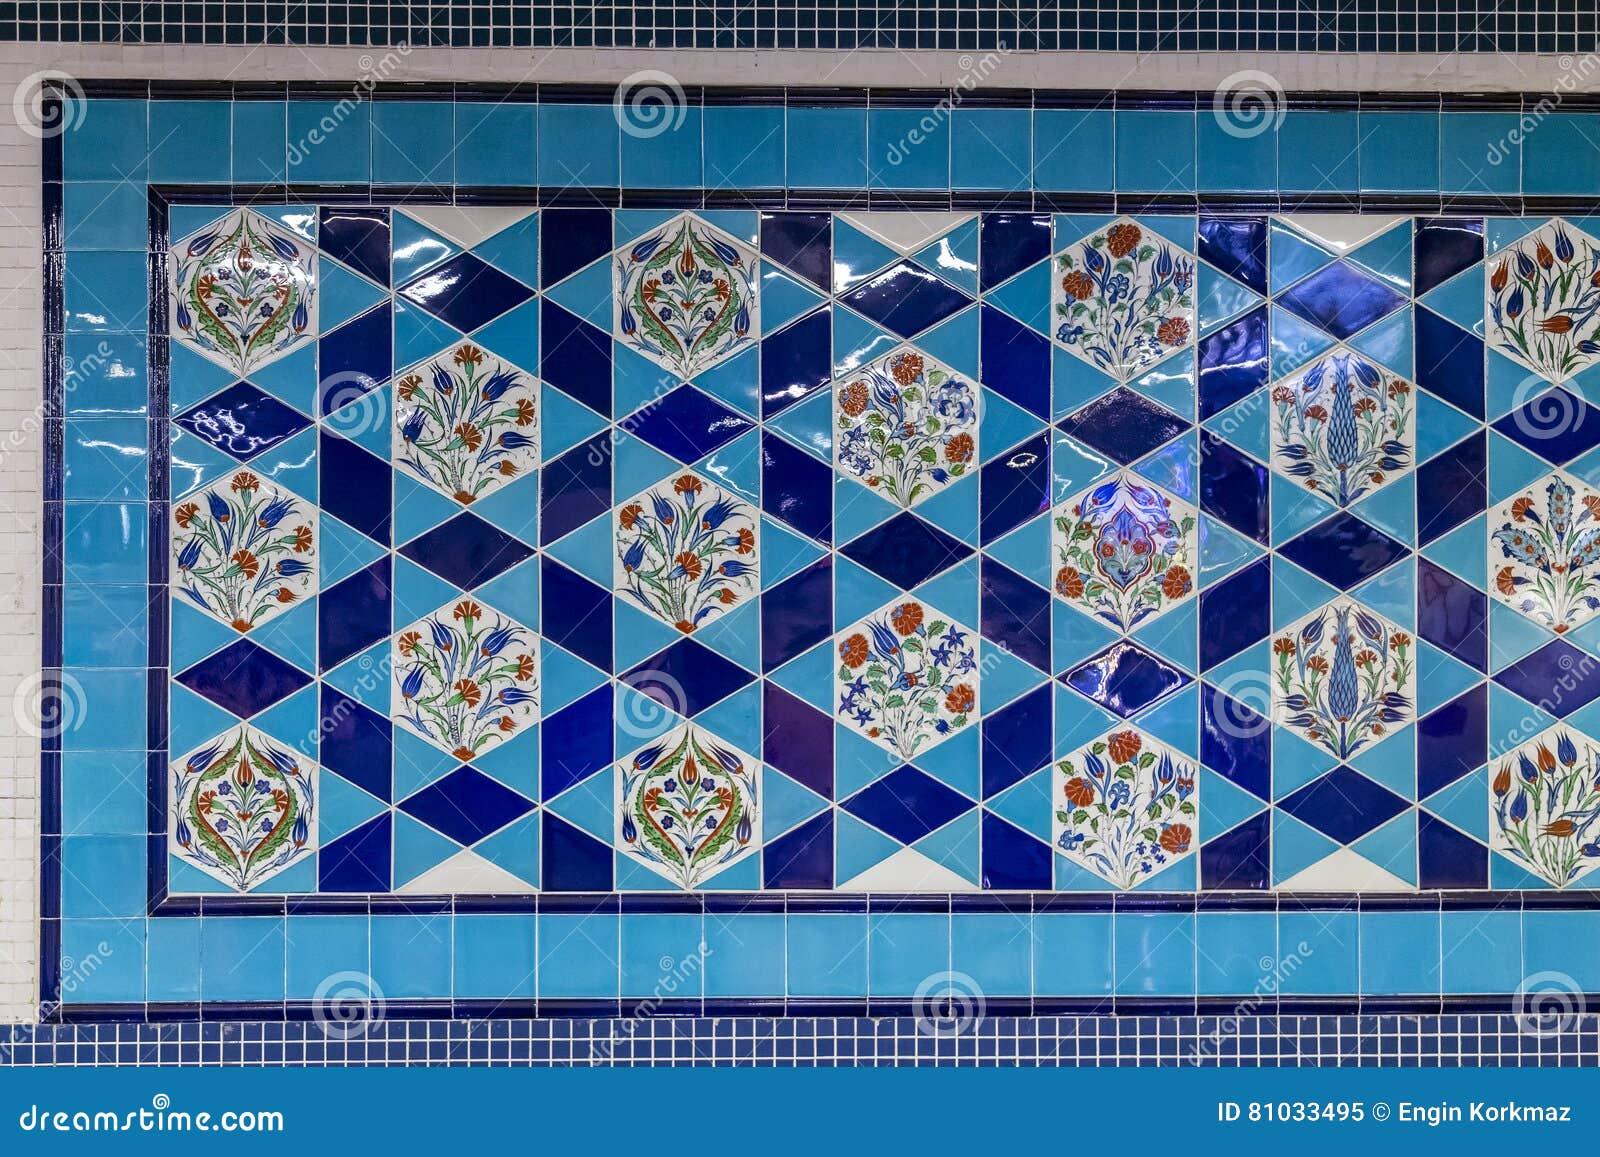 Iznik Fliesen Stockbild Bild Von Architektur Dekoration 81033495